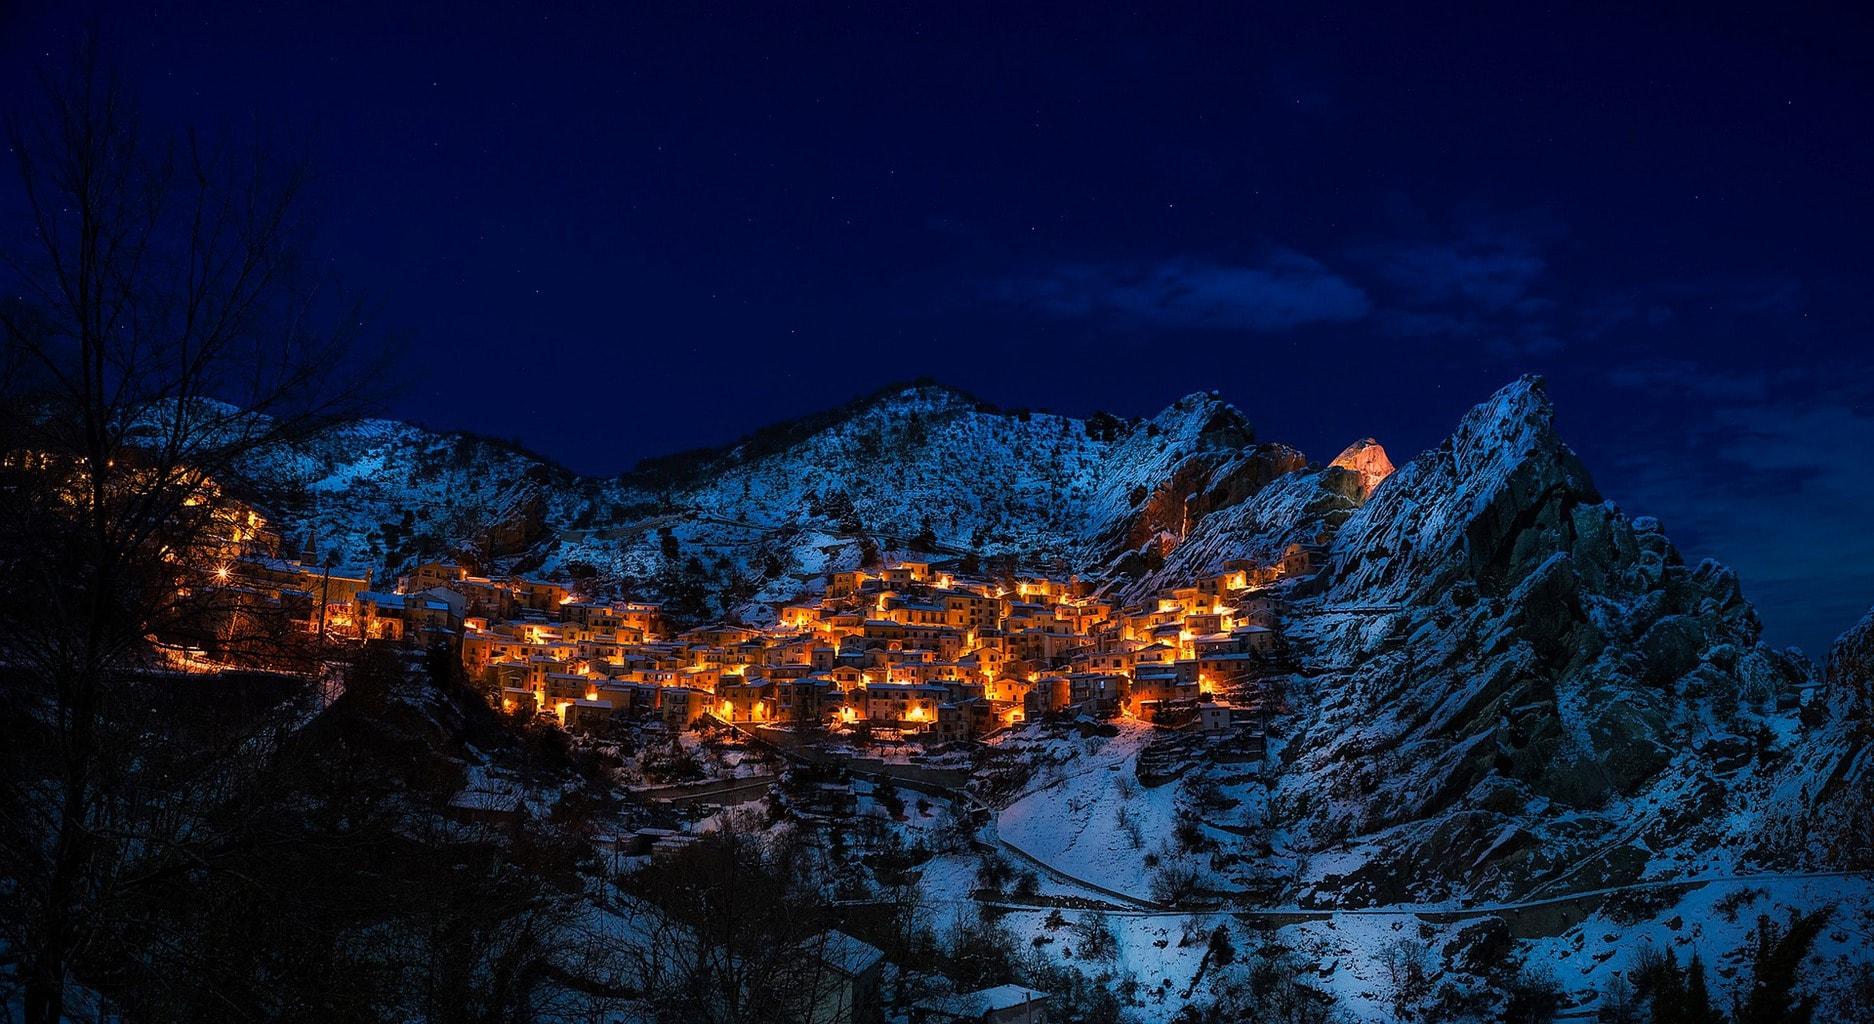 fotografía nocturna de un pueblo iluminado